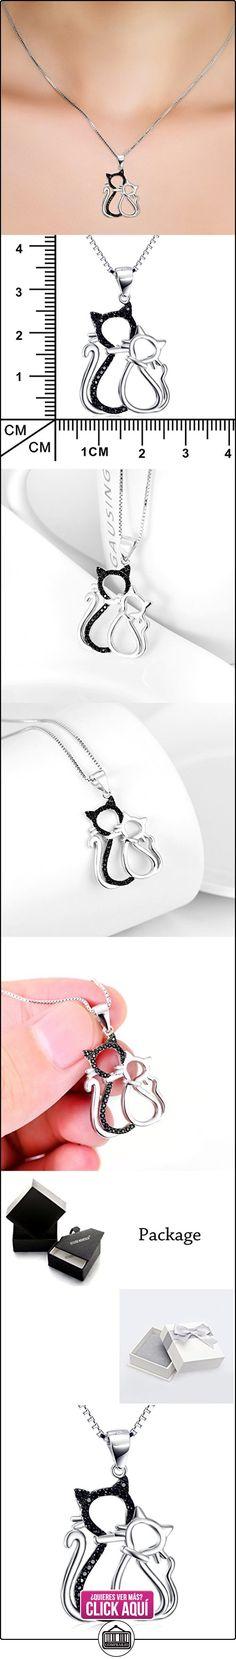 Silver Mountain En blanco y negro Gatos dobles Colgante Collar de las mujeres  ✿ Joyas para mujer - Las mejores ofertas ✿ ▬► Ver oferta: http://comprar.io/goto/B01HO5QEFI